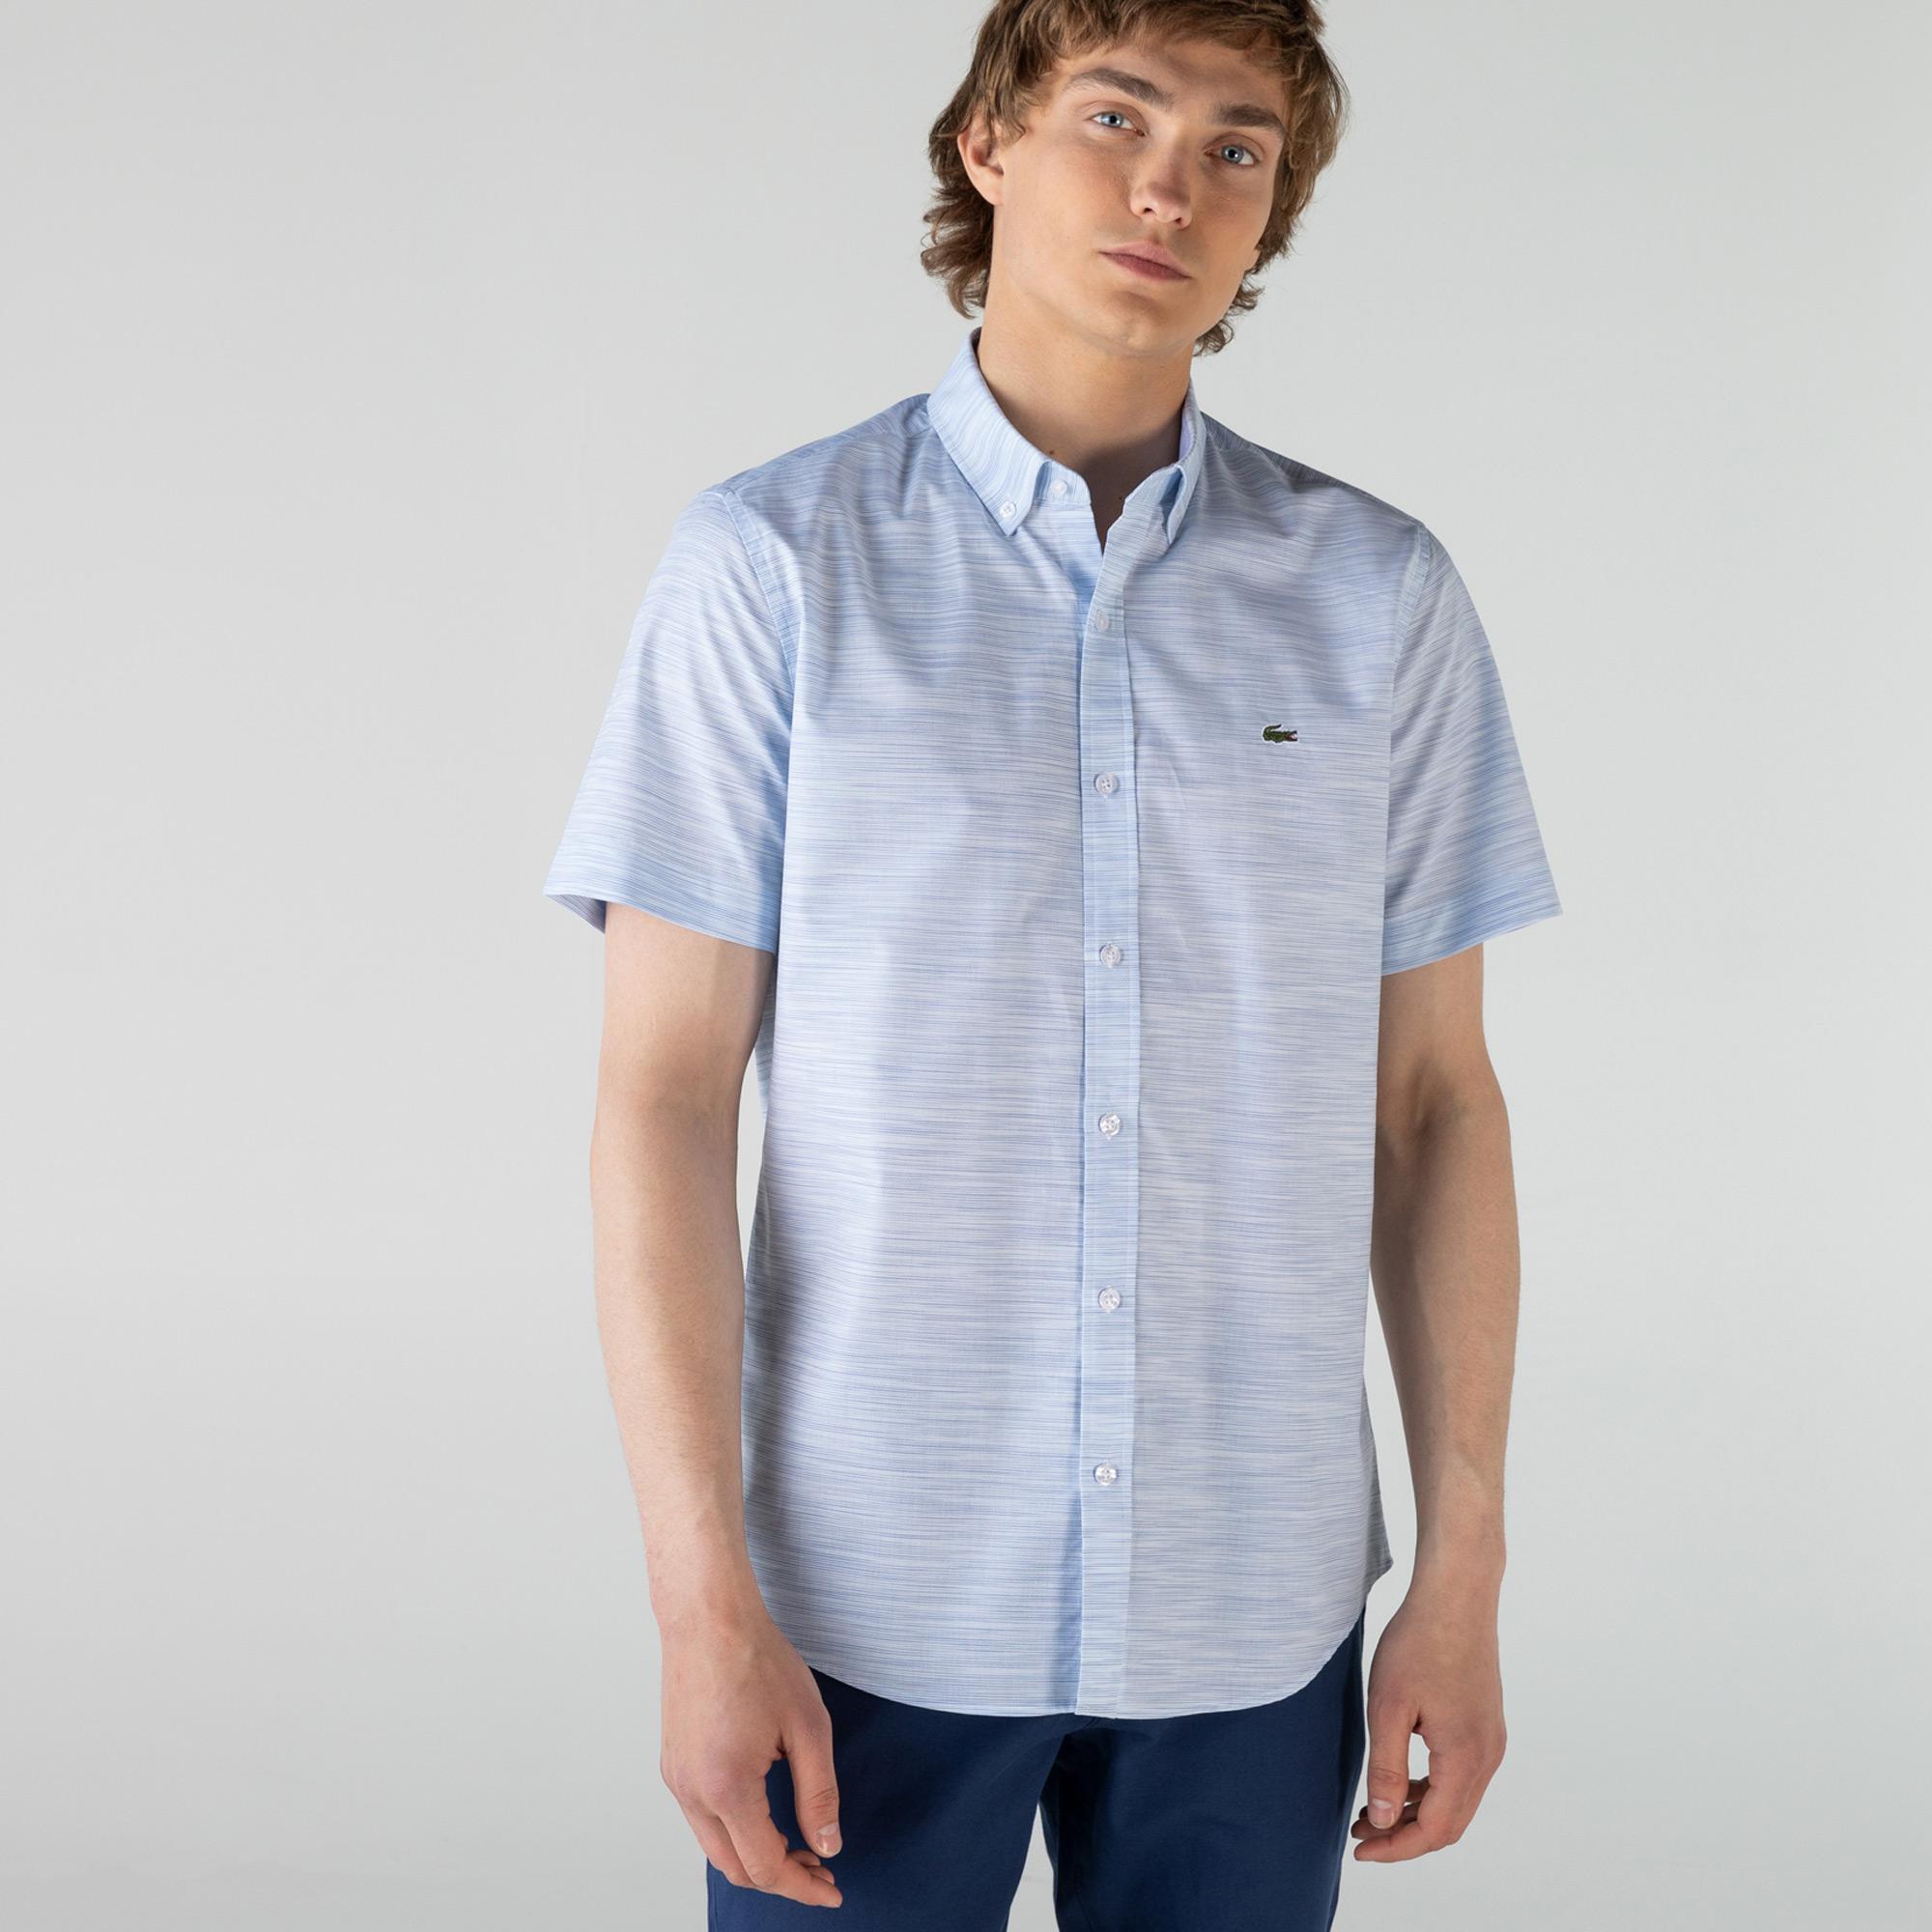 Lacoste Erkek Slim Fit Kısa Kollu Desenli Açık Mavi Gömlek